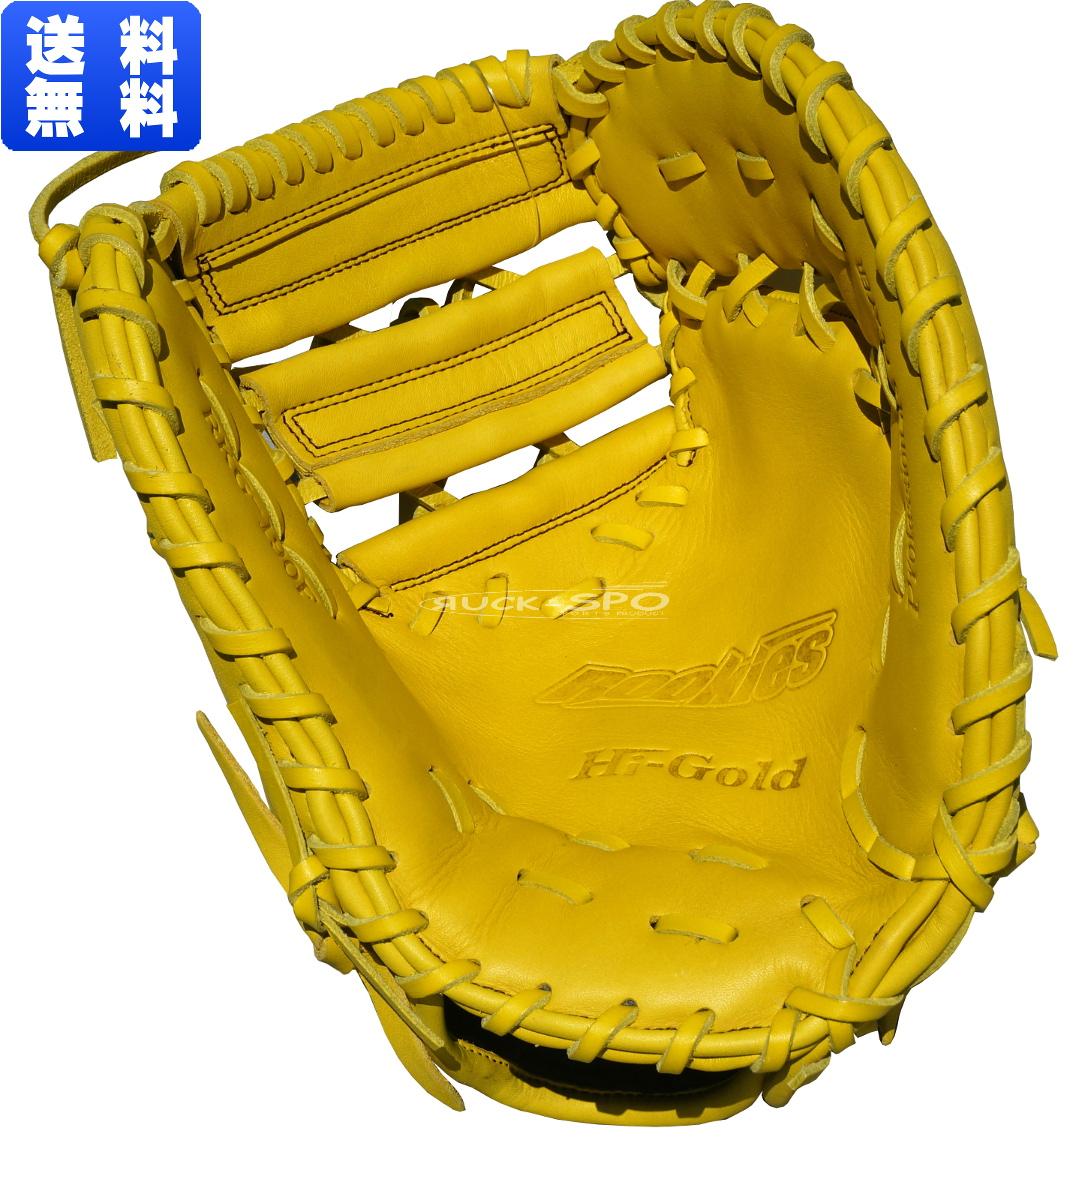 送料無料 2018年モデル ハイゴールド HI-GOLD 一塁手用 軟式 ミット グローブ イエロー 黄 少年 野球 RKG190F